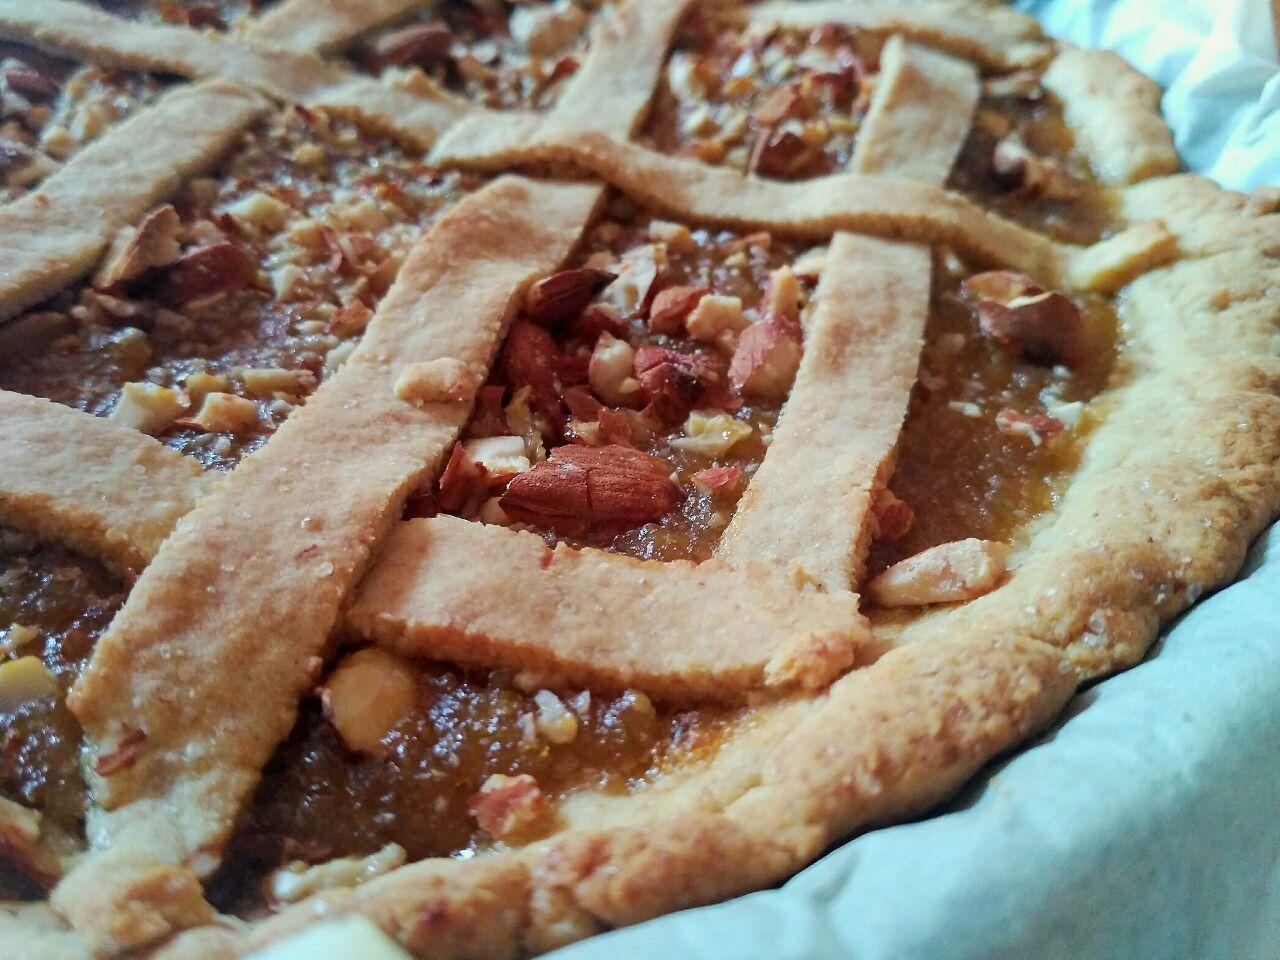 Dolci senza uova: crostata con marmellata di pere e mandorle!